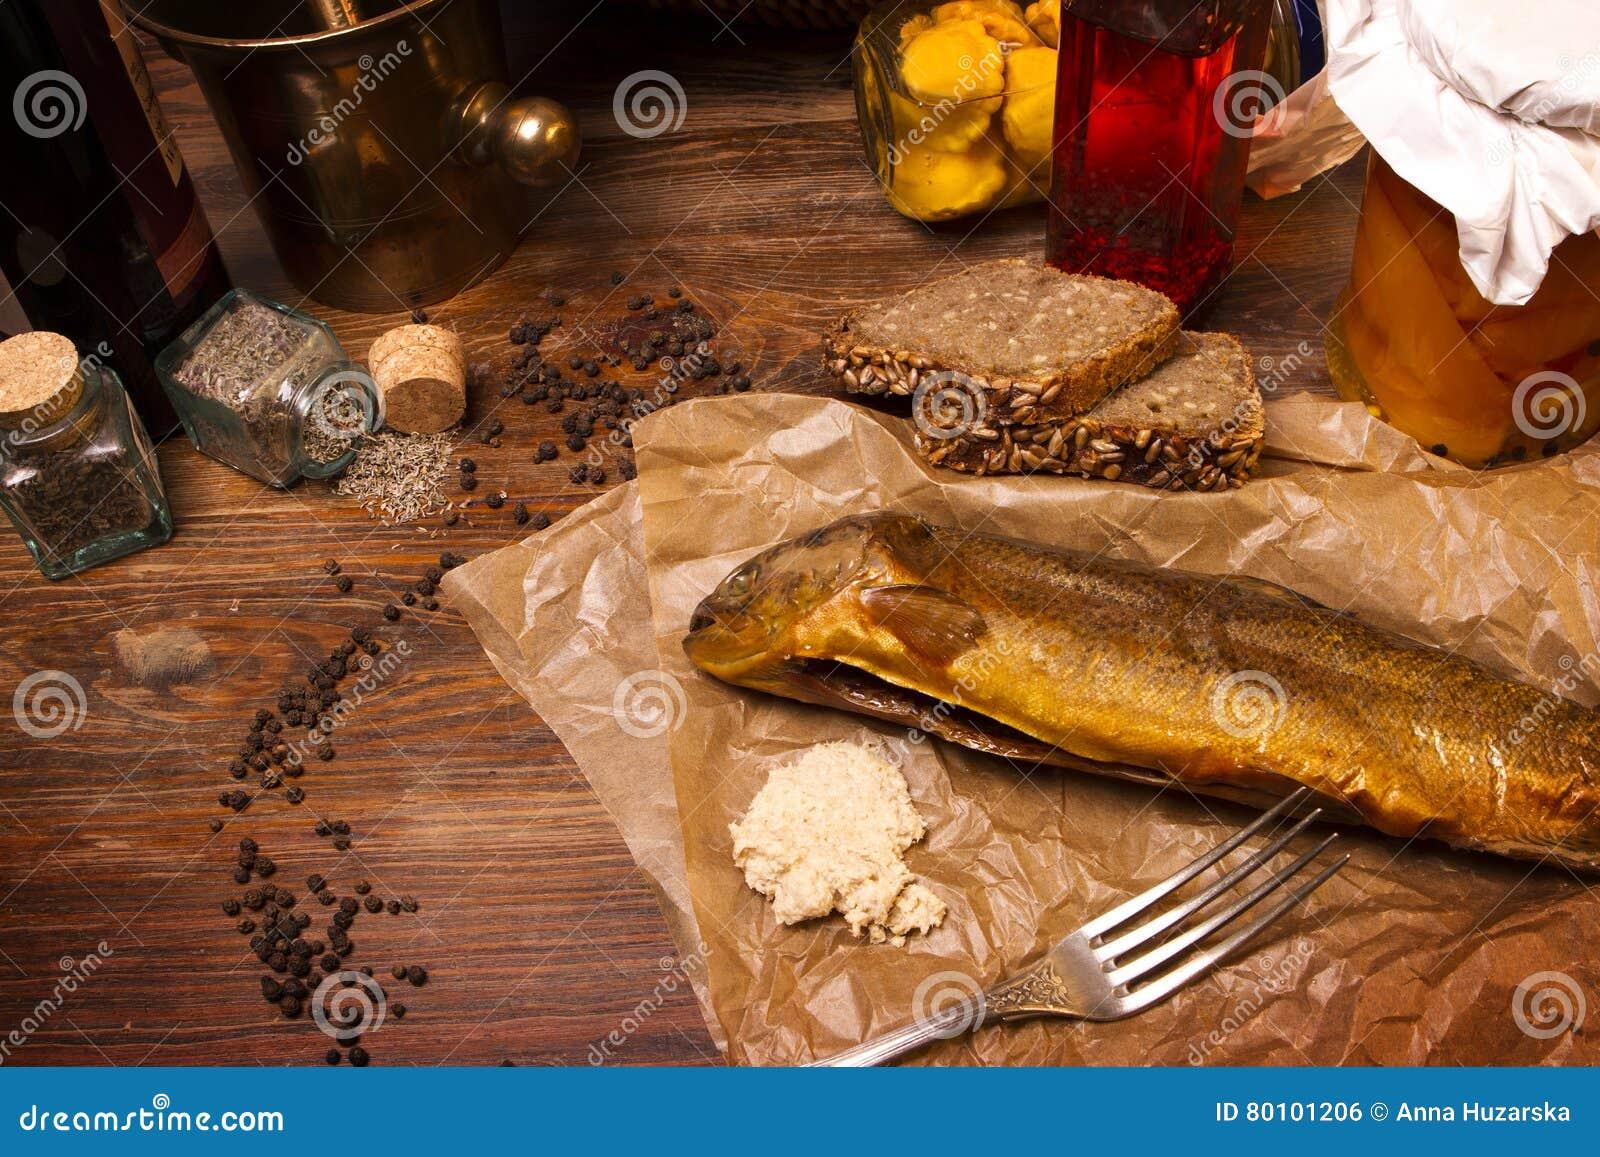 Truta fumado dos peixes com especiarias e limão em um fundo de madeira